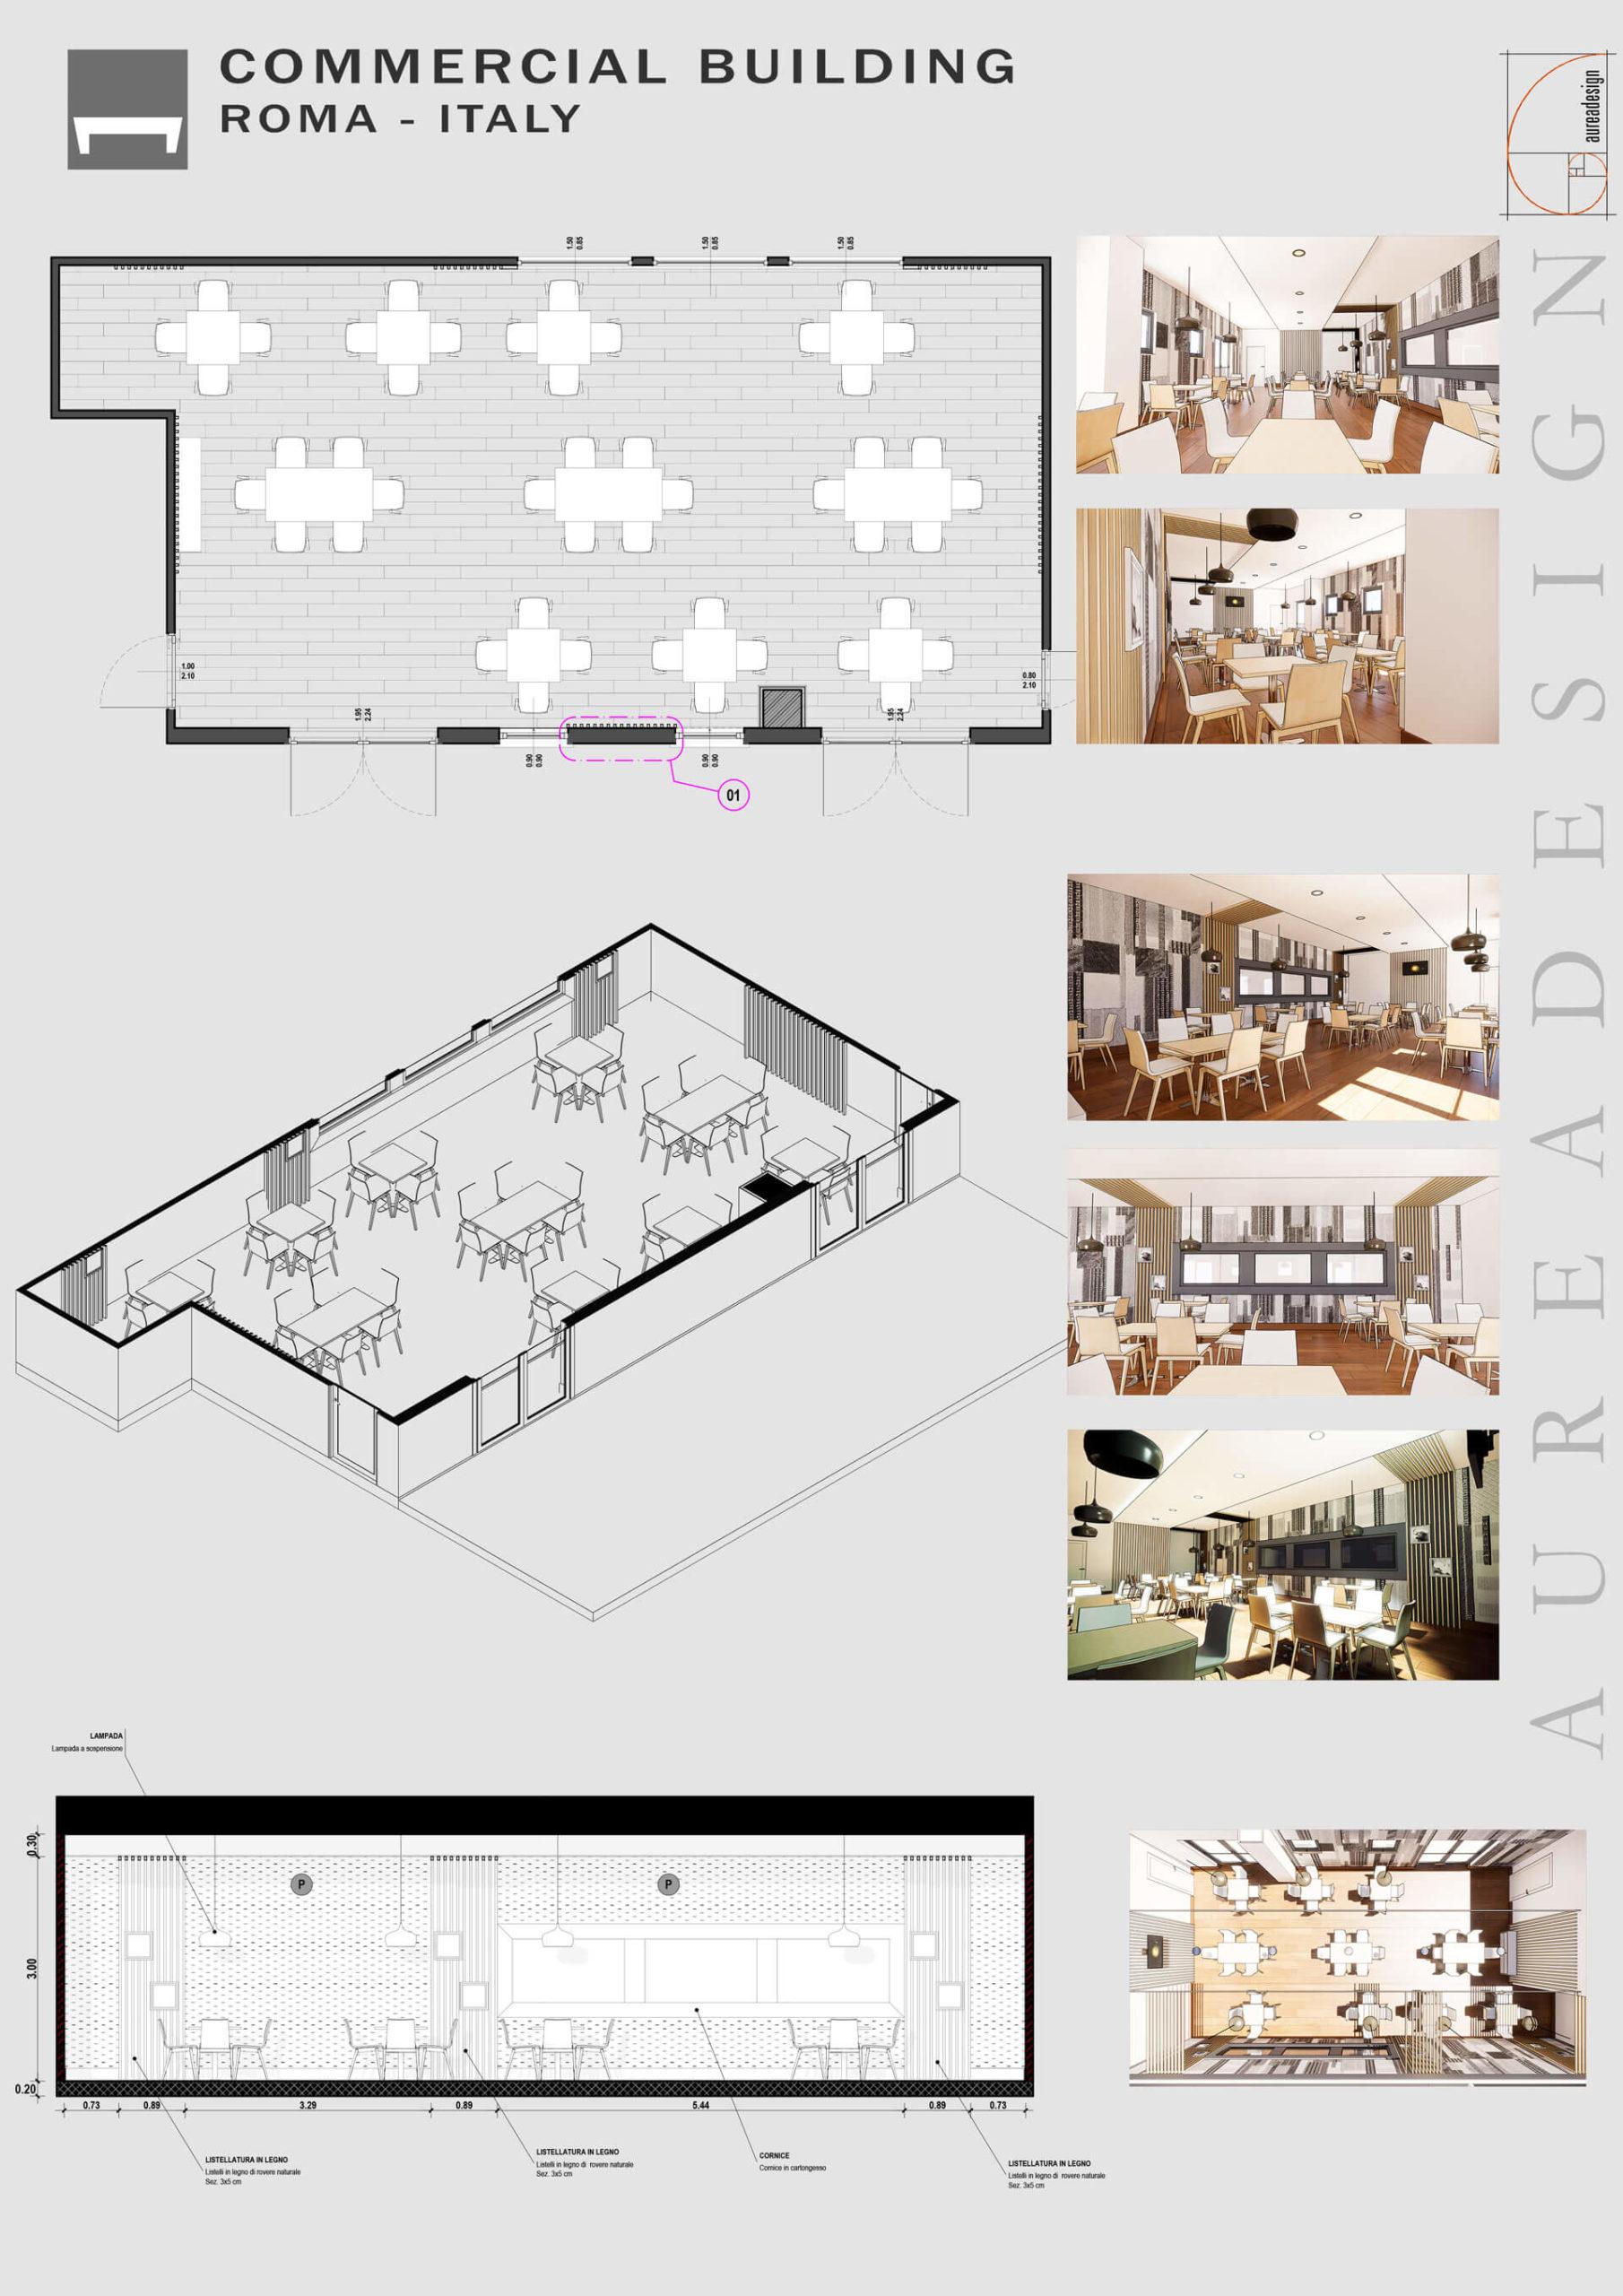 Aureadesign Commercial Building Roma